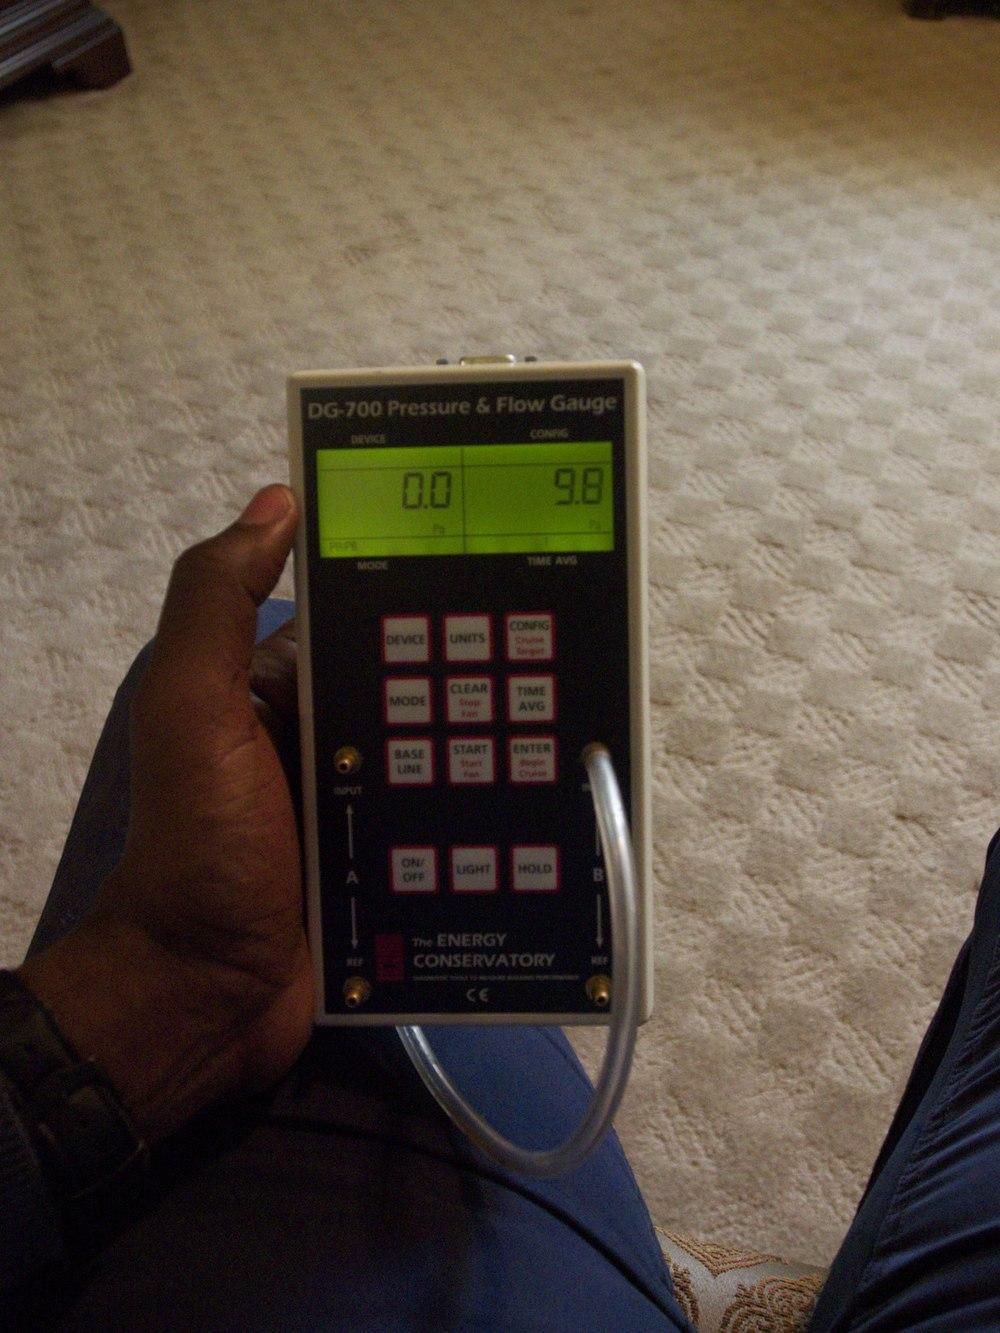 PA240361 - 2012-10-24 at 12-59-26.jpg